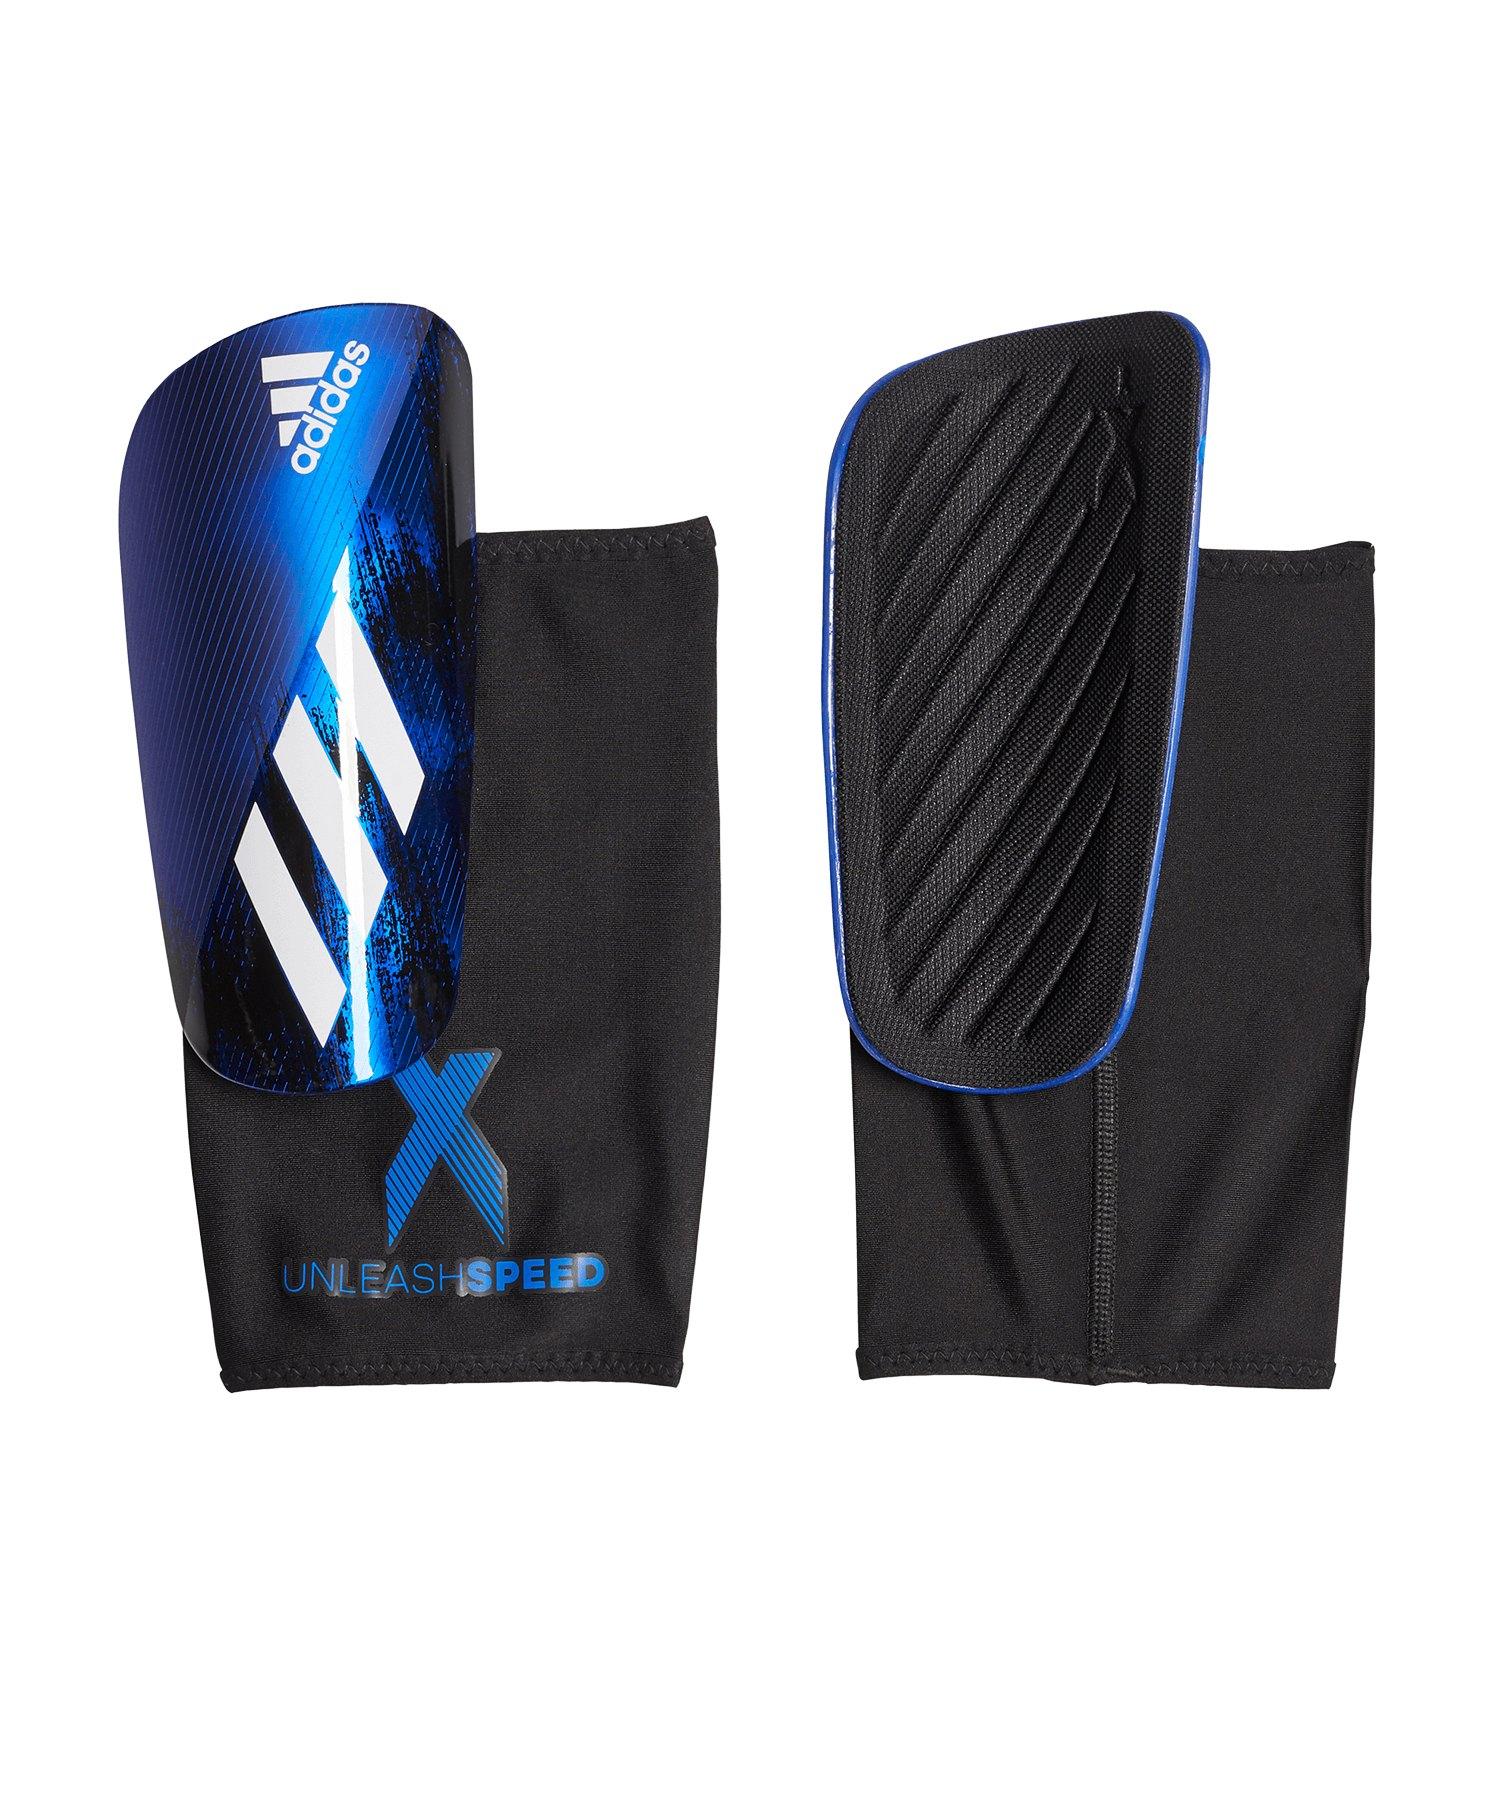 adidas X LGE Schienbeinschoner Schwarz Blau - schwarz